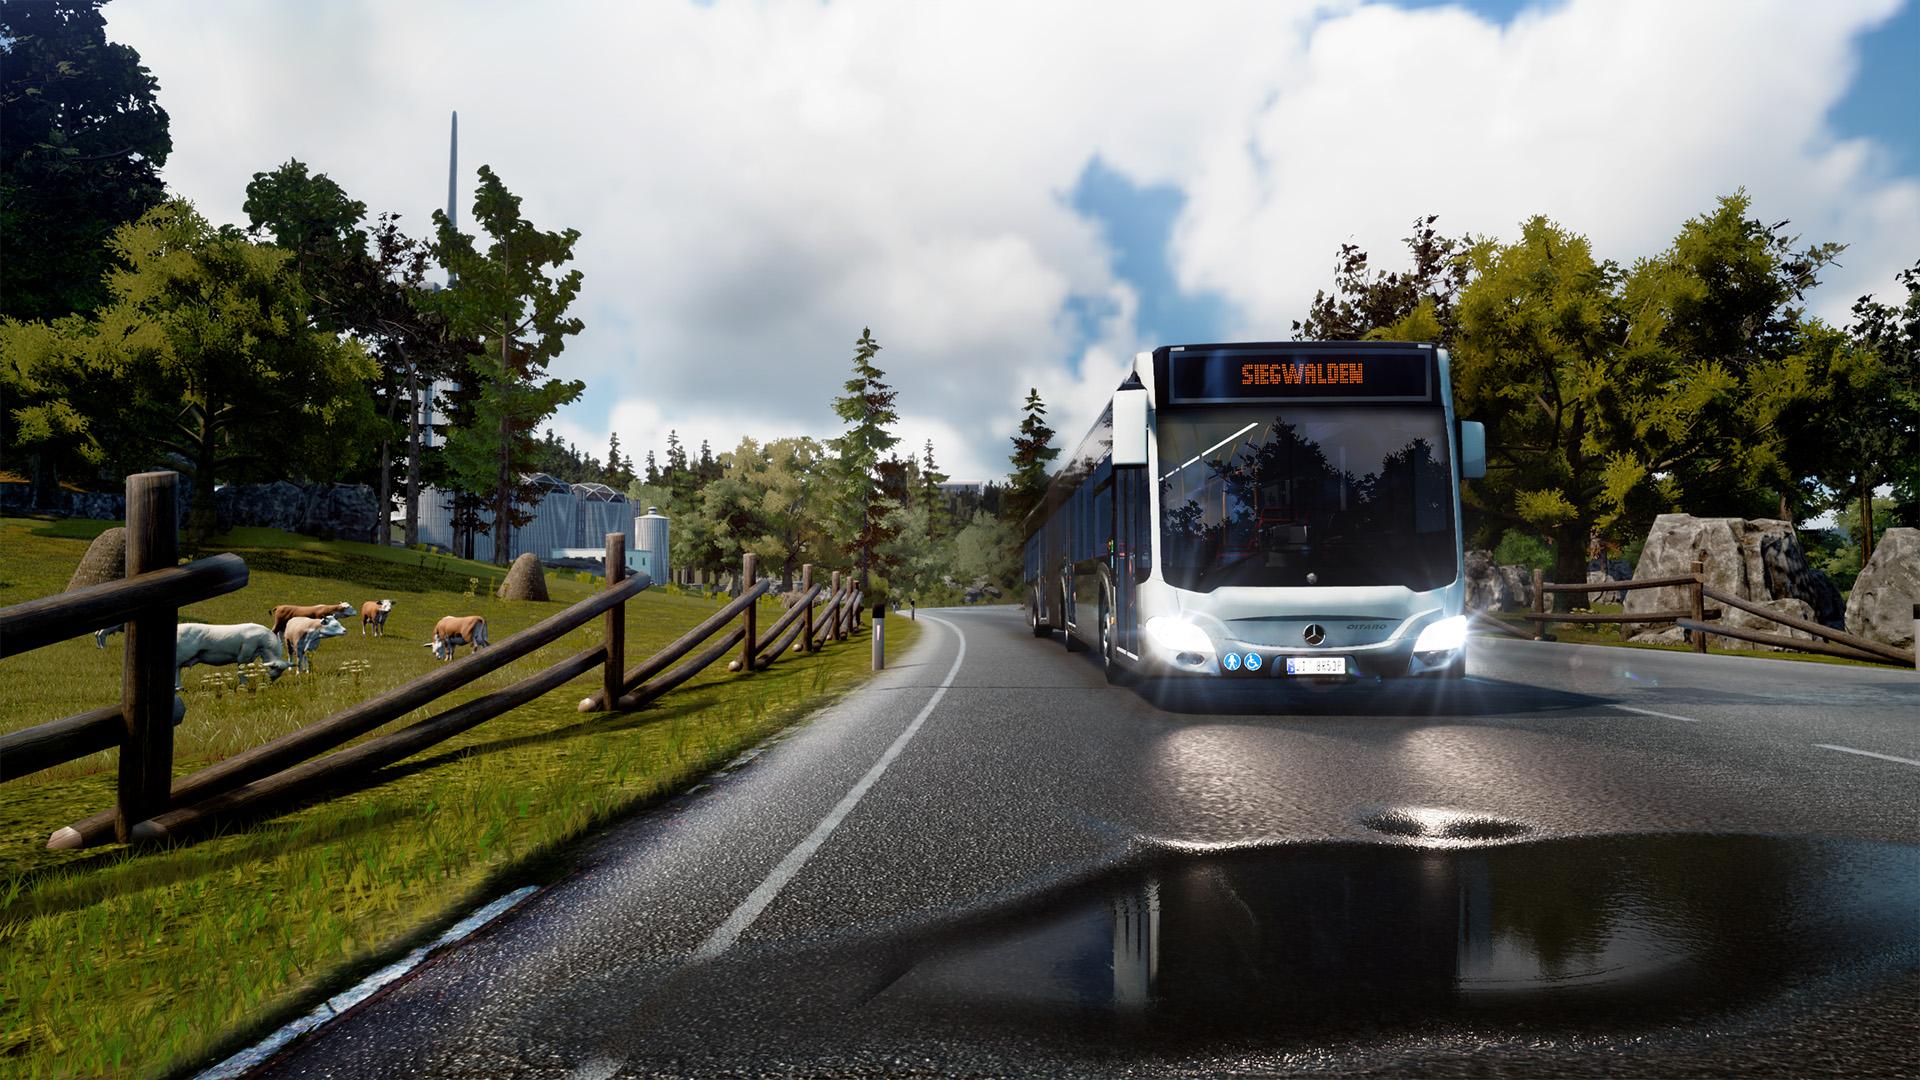 nomer-voditelya-bus-simulyator